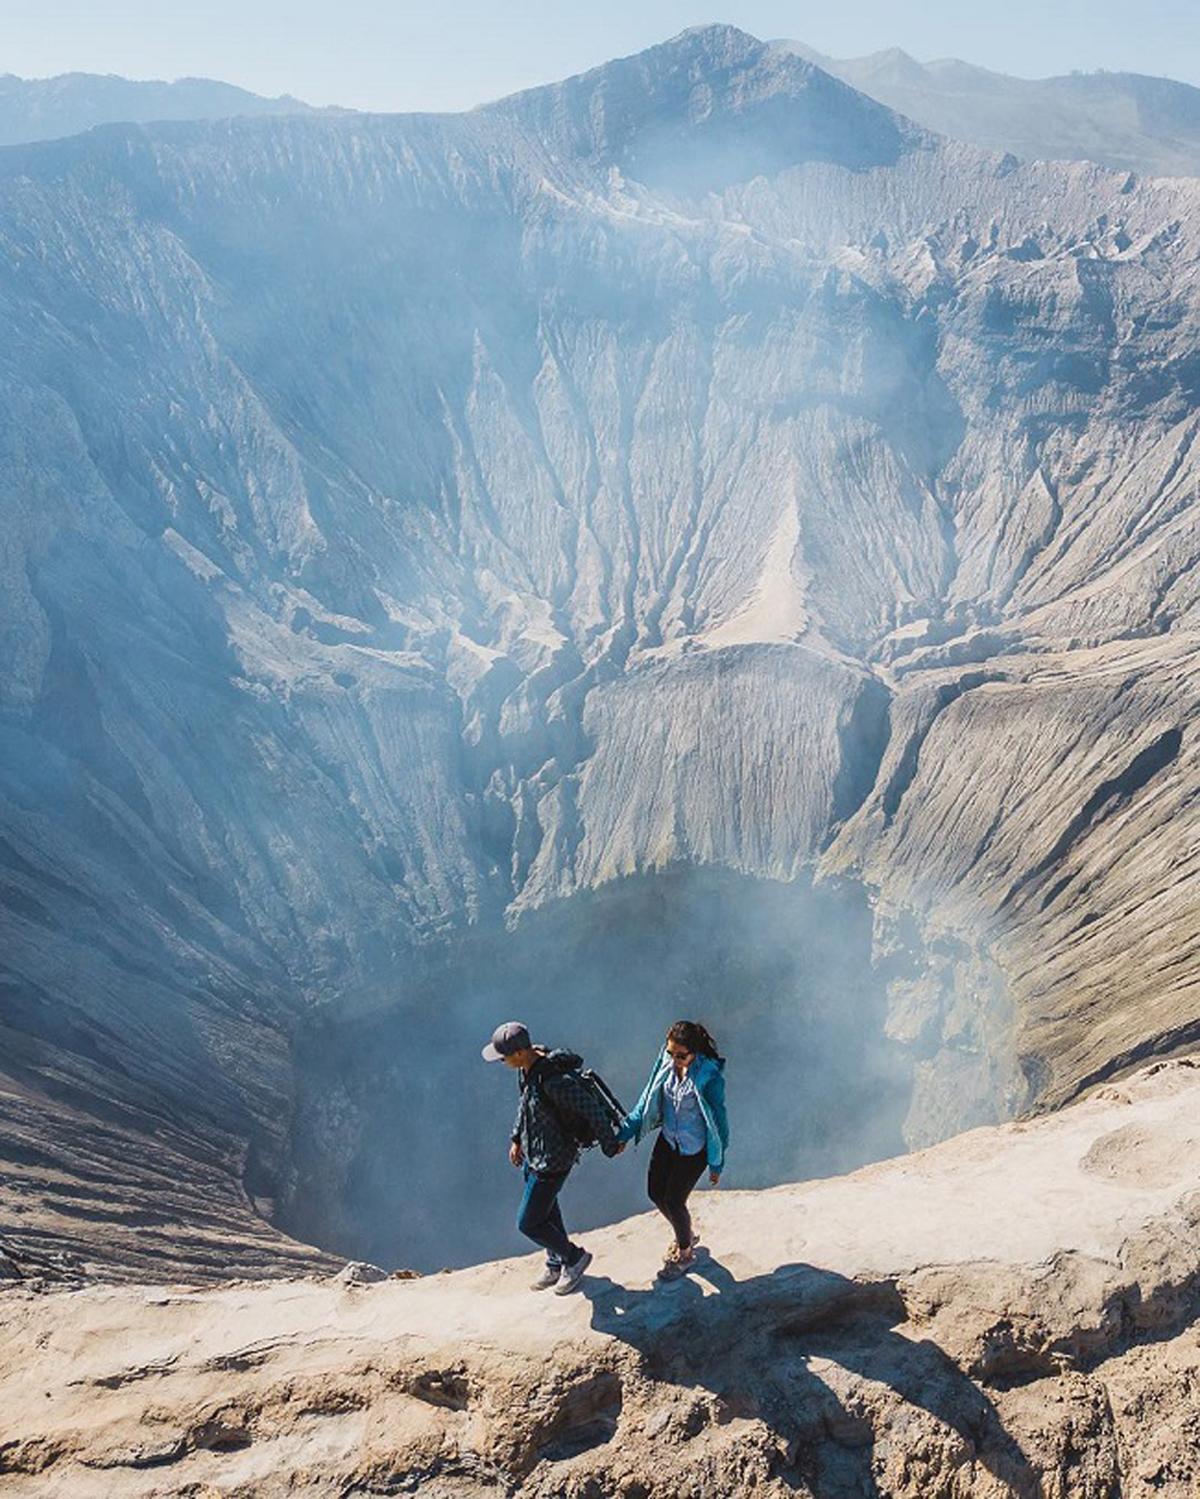 15 địa điểm đẹp mê li nhưng chỉ du khách dũng cảm nhất mới dám ghé thăm